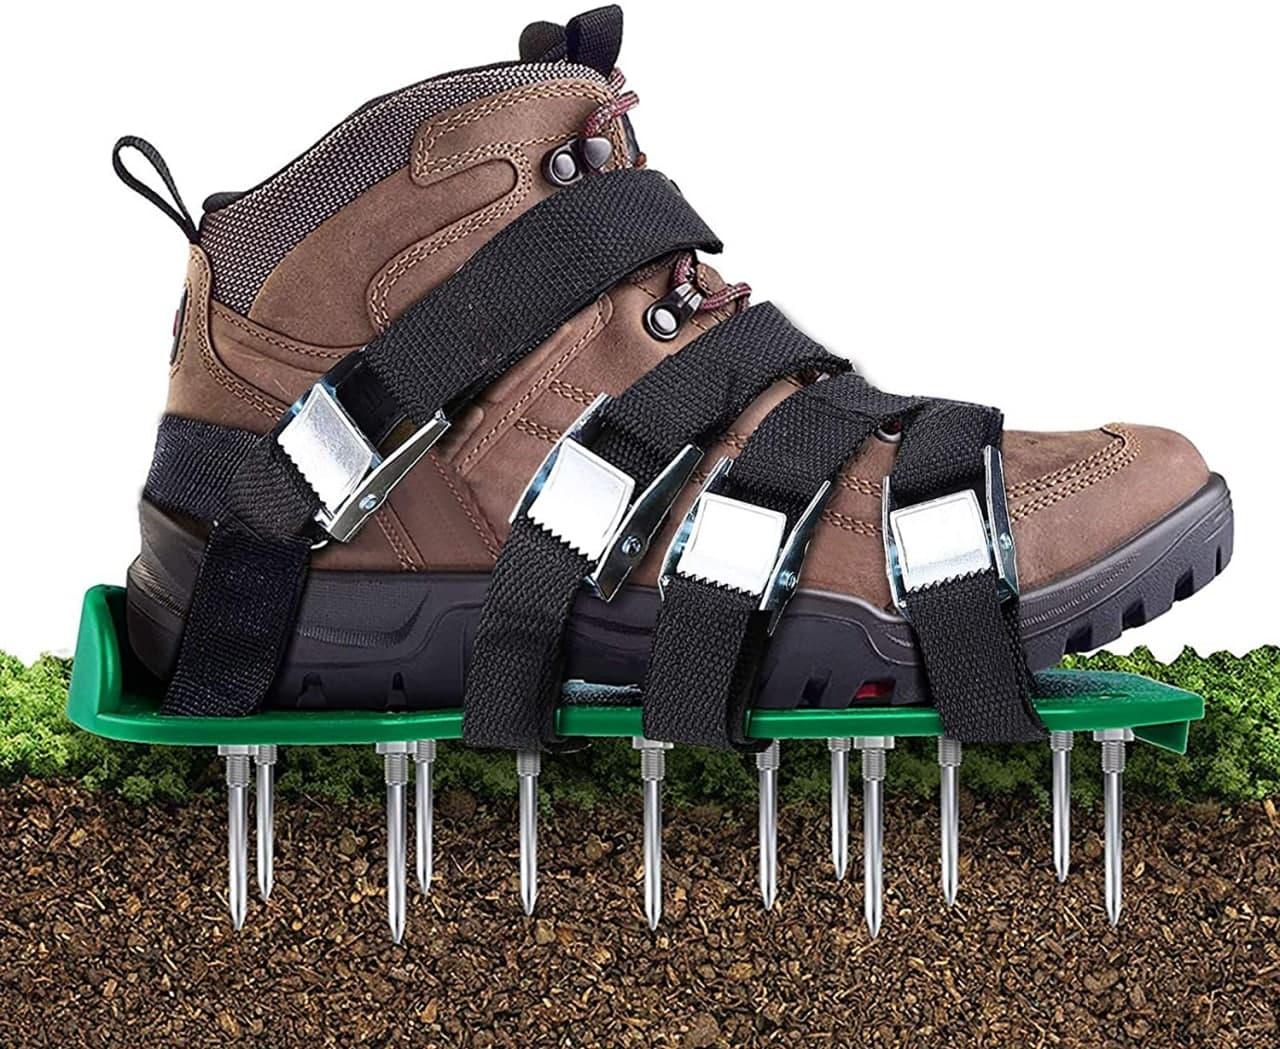 Scarpe arieggiatore per prato con 5 cinghie regolabili e chiodi in metallo